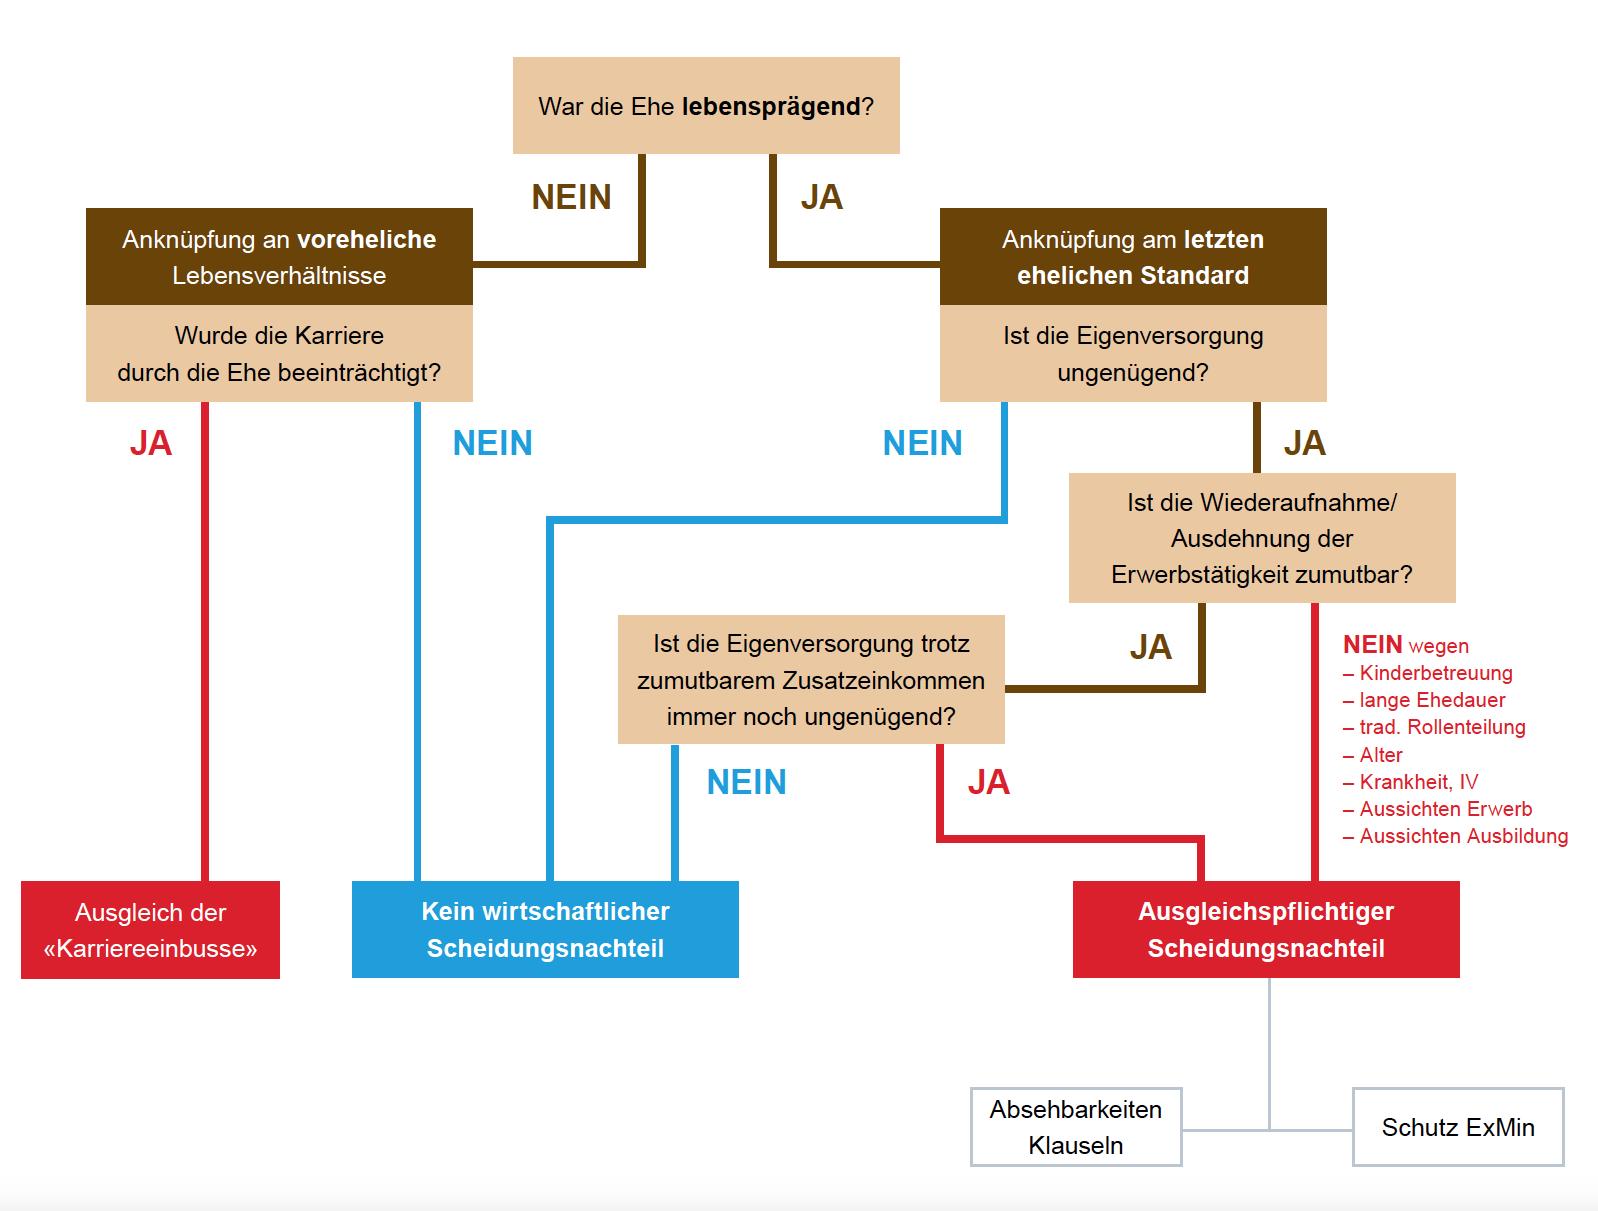 IGM Schweiz :: Wie berechnet sich ein Ehegattenunterhalt?